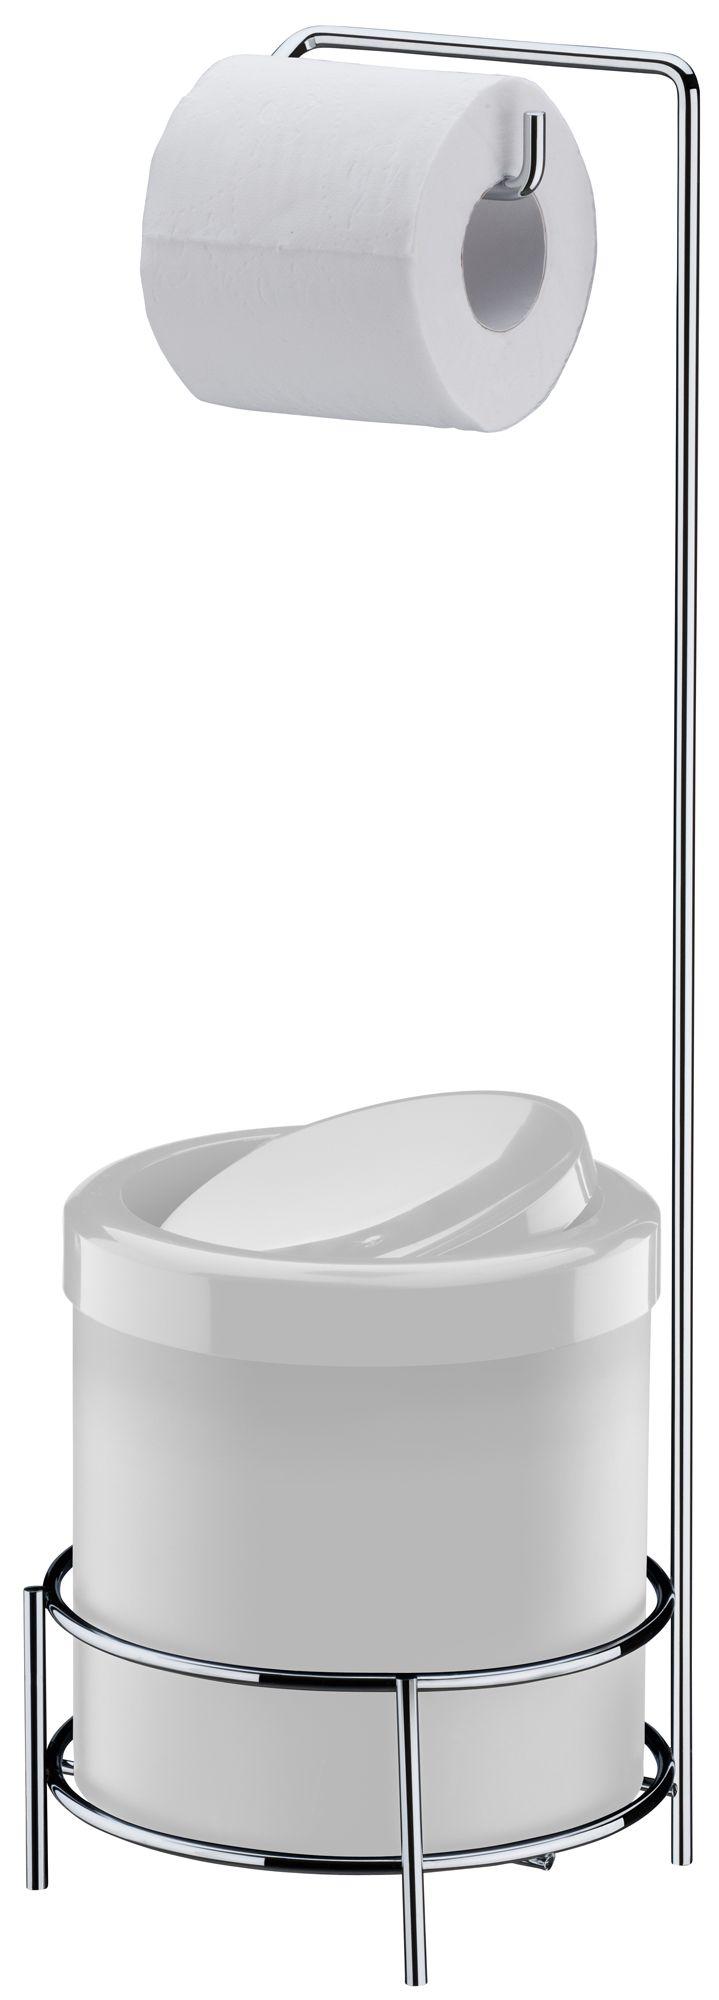 Suporte para Papel Higiênico com Lixeira Branca 5 Litros